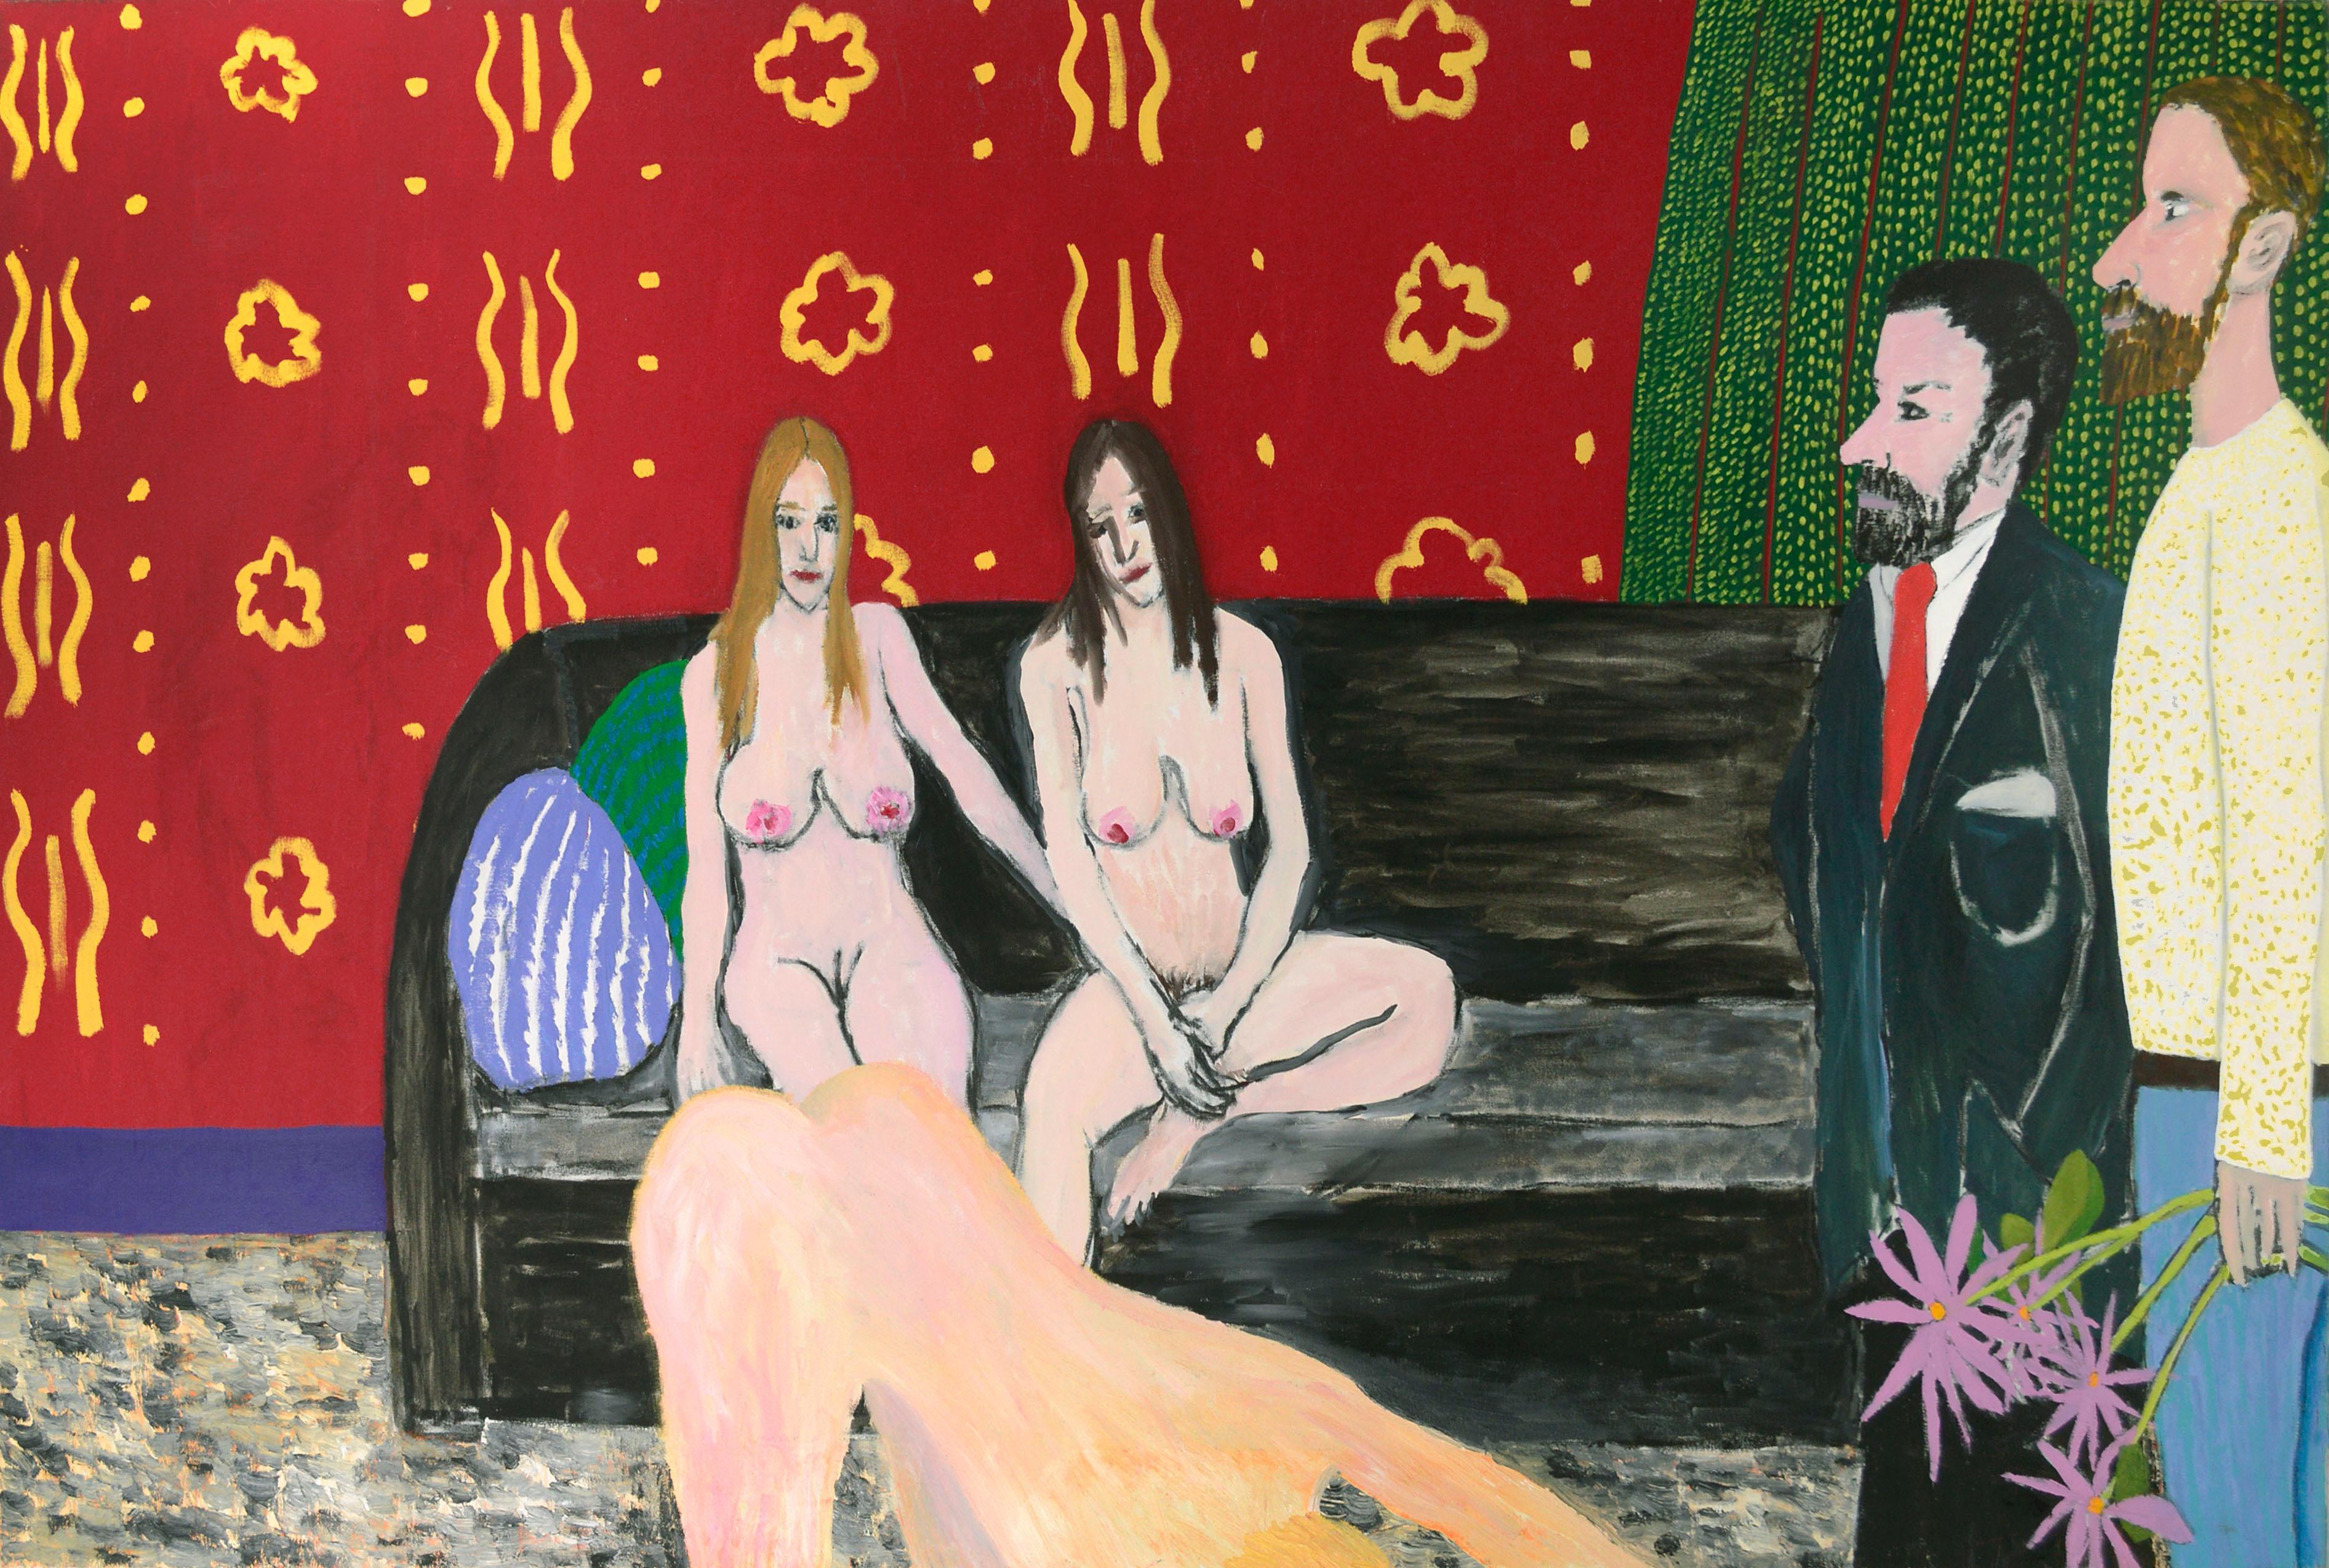 Three Nudes - Figurative Interior Scene with Red Wallpaper